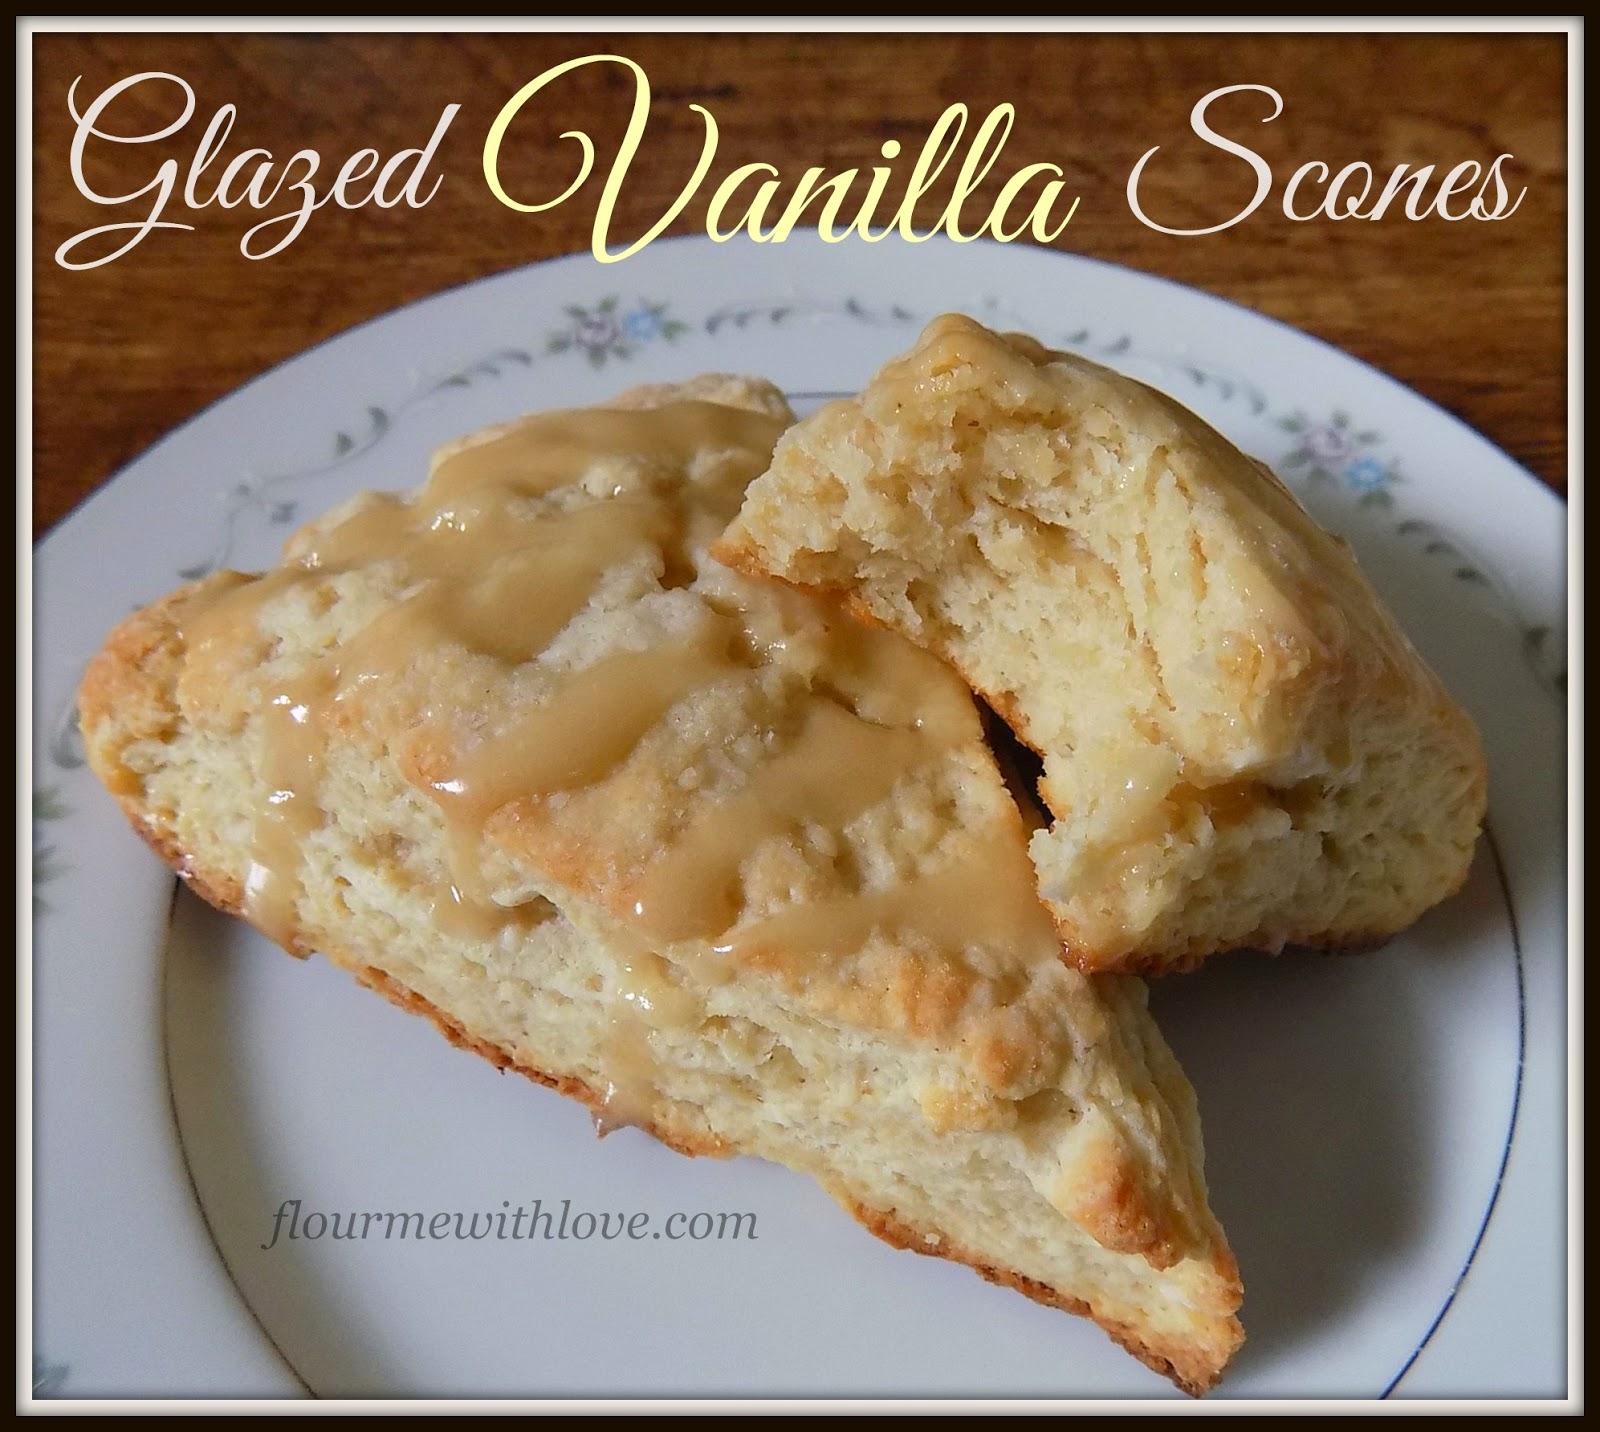 warm, vanilla, scones, drizzled, glaze, starbucks, breakfast, brunch, dessert